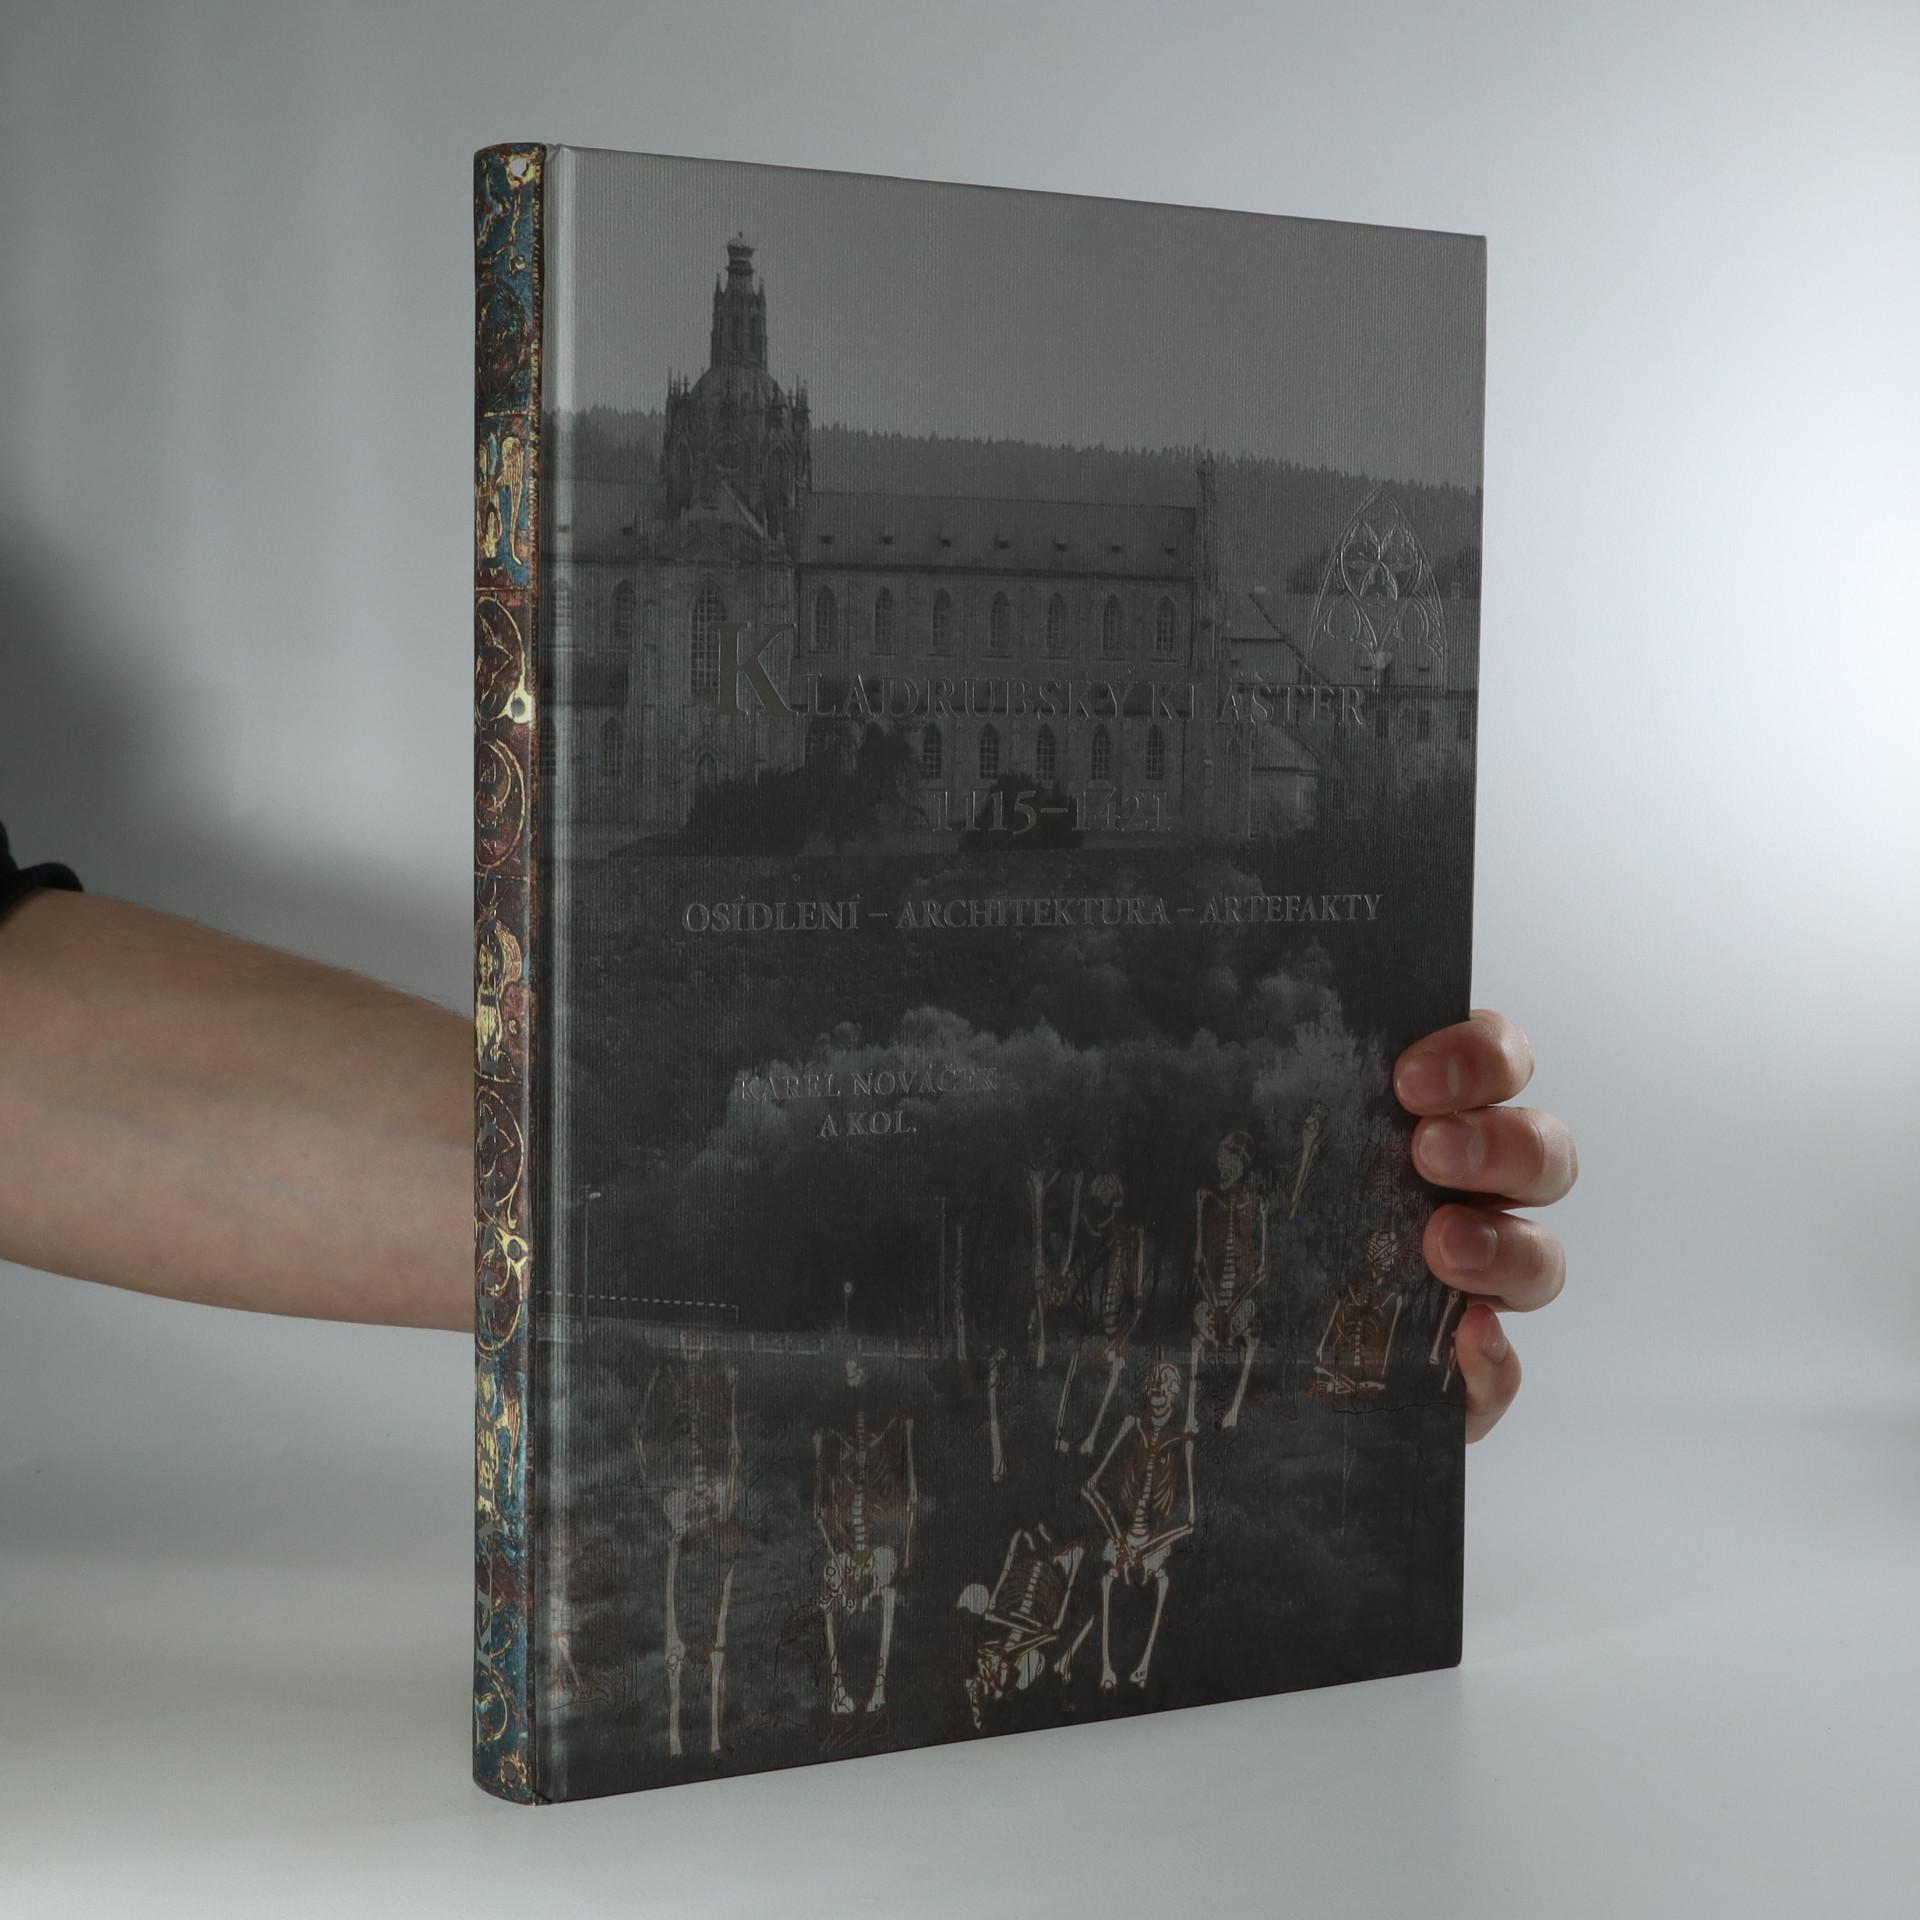 antikvární kniha Kladrubský klášter 1115-1421. Osídlení, architektura, artefakty, 2010